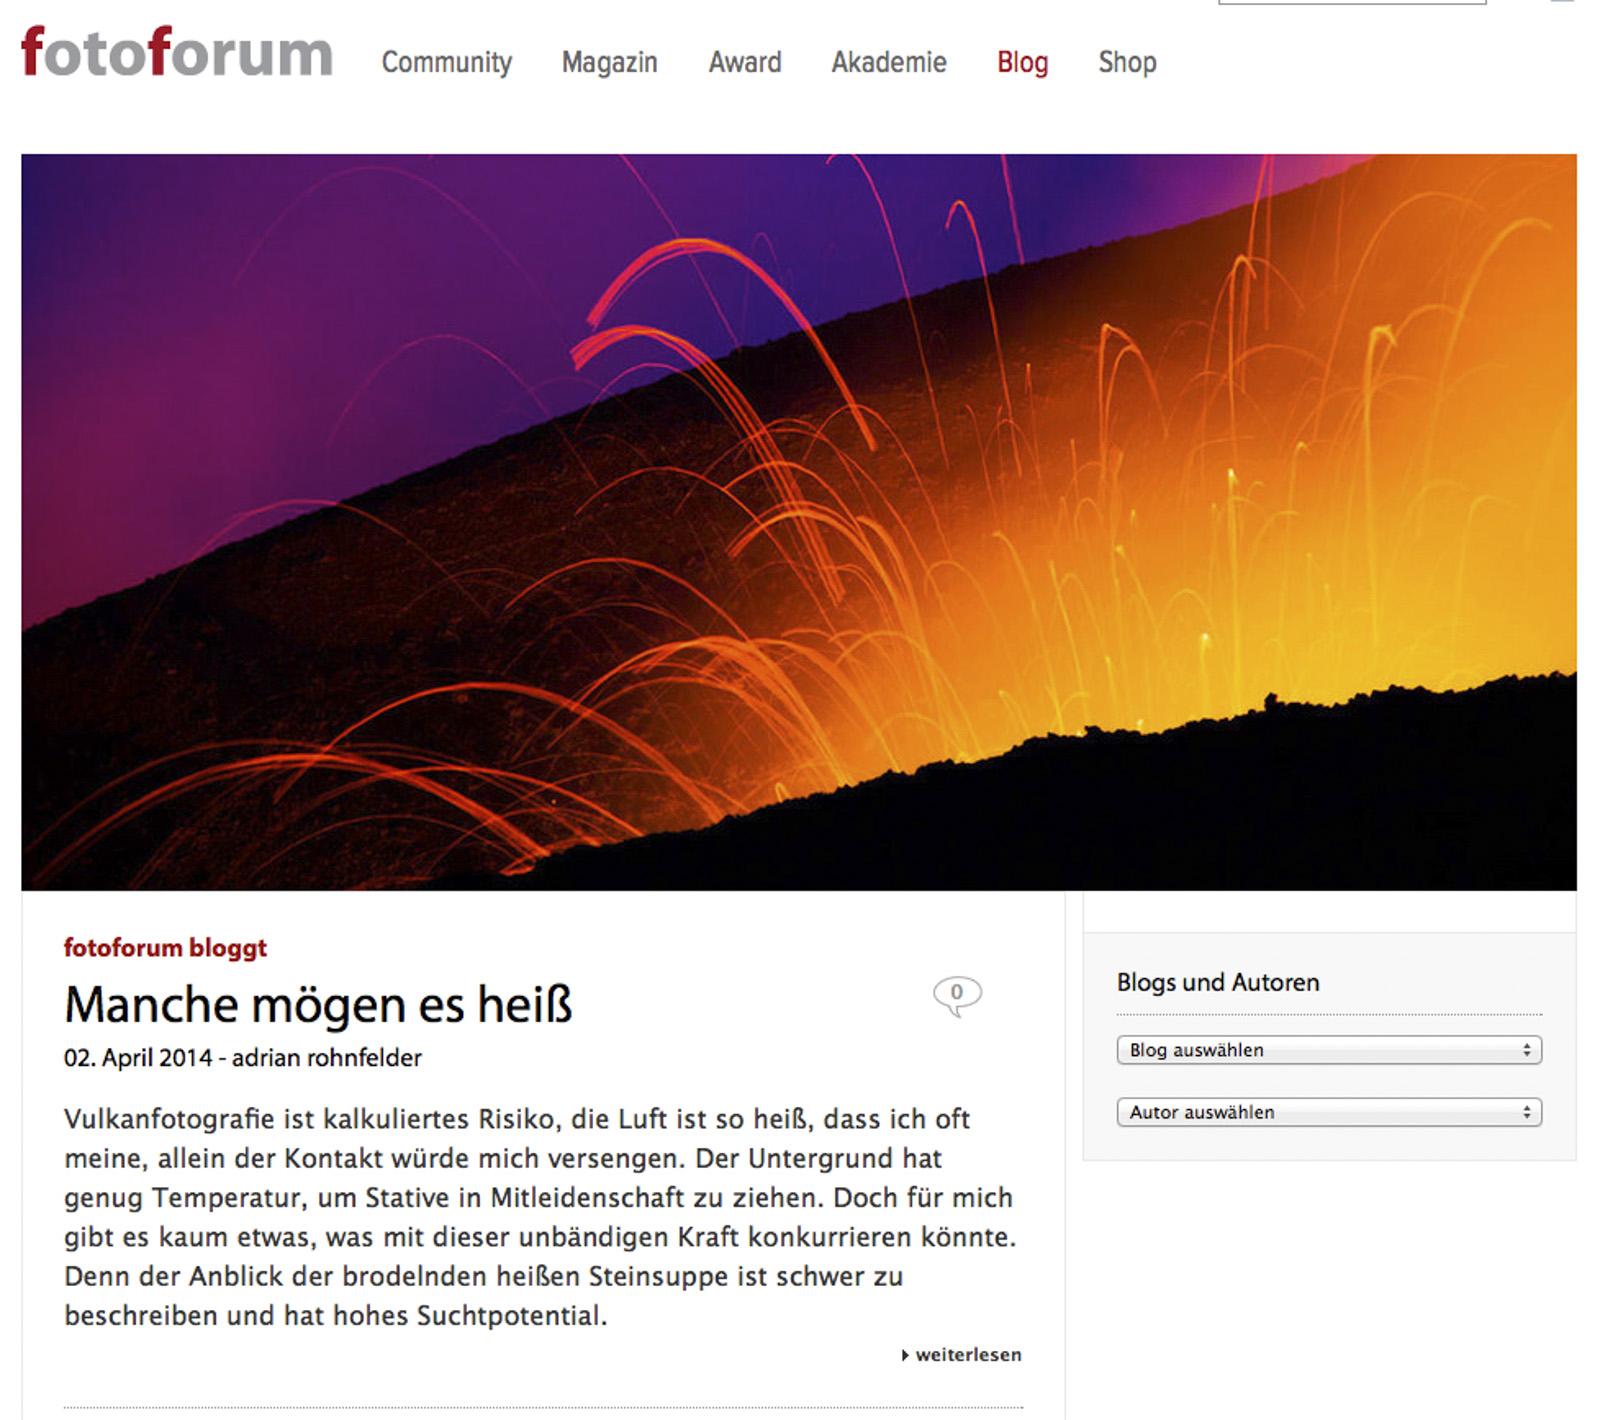 fotoforum Blog